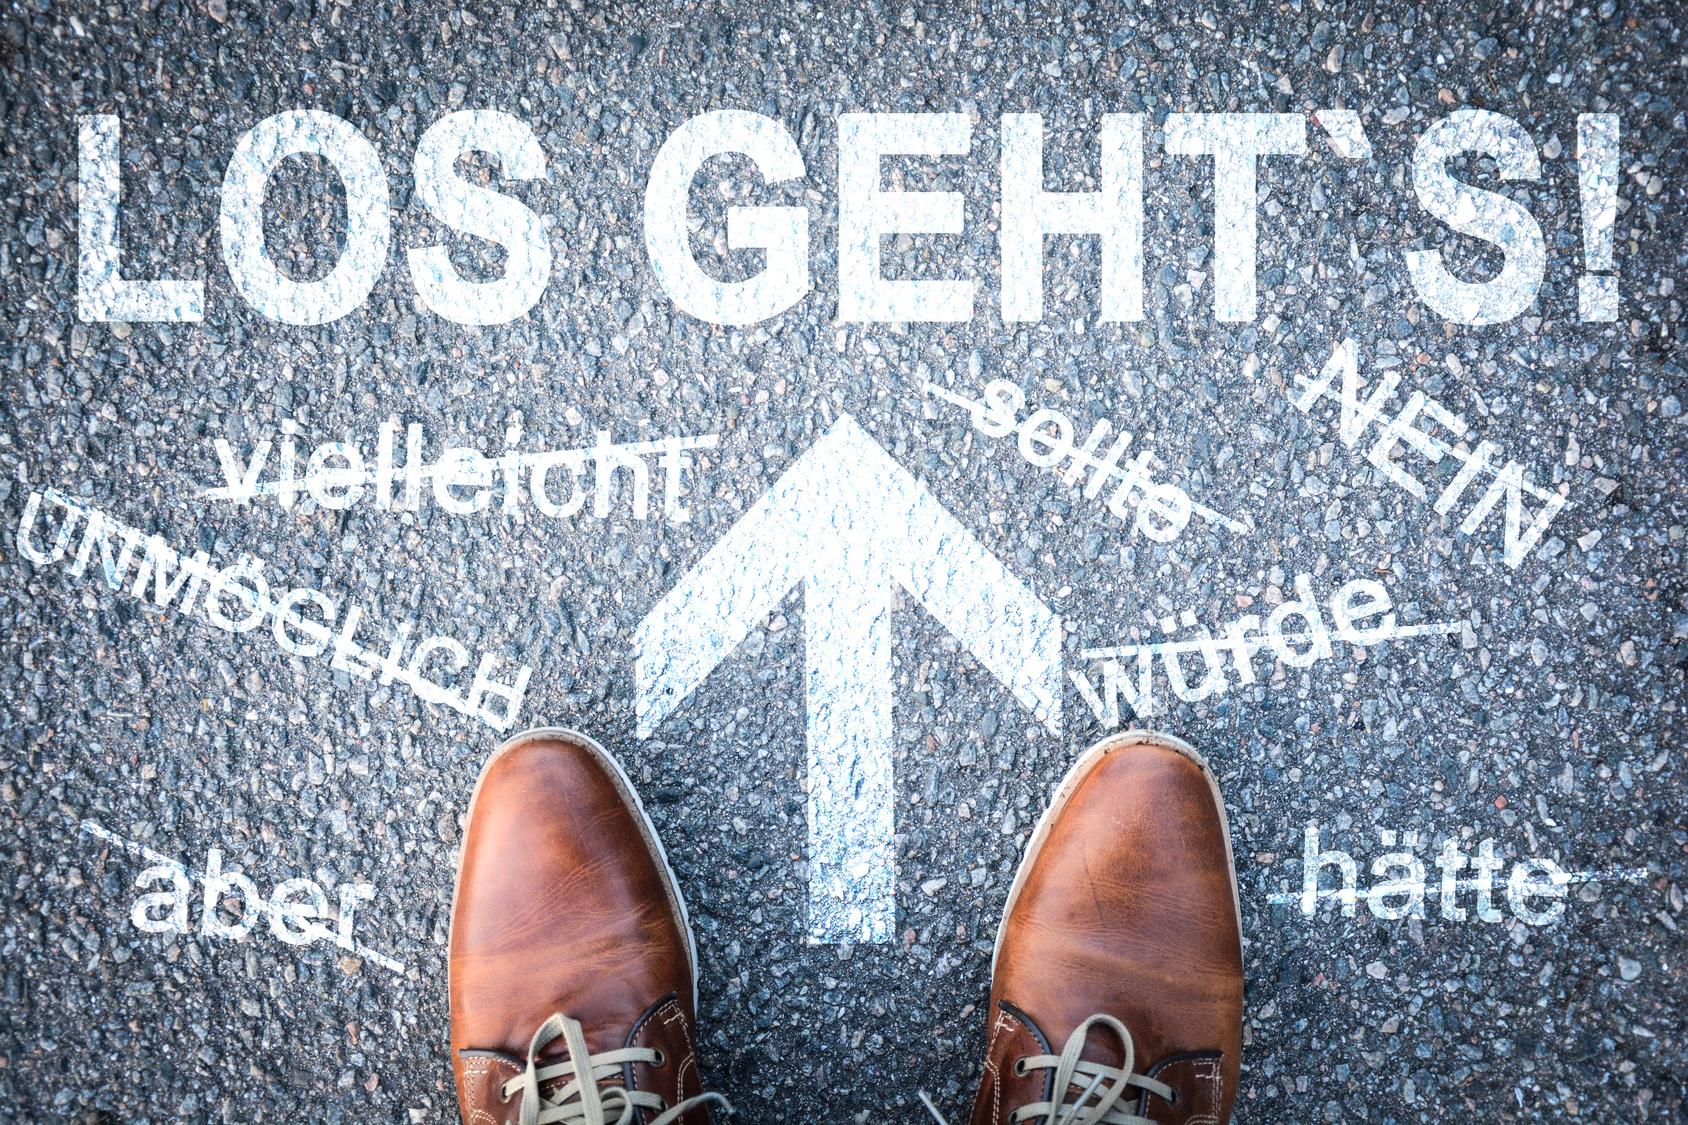 Kreativ Karriere machen in Bad Honnef – Wir suchen eine/n Redakteur/Redakteurin